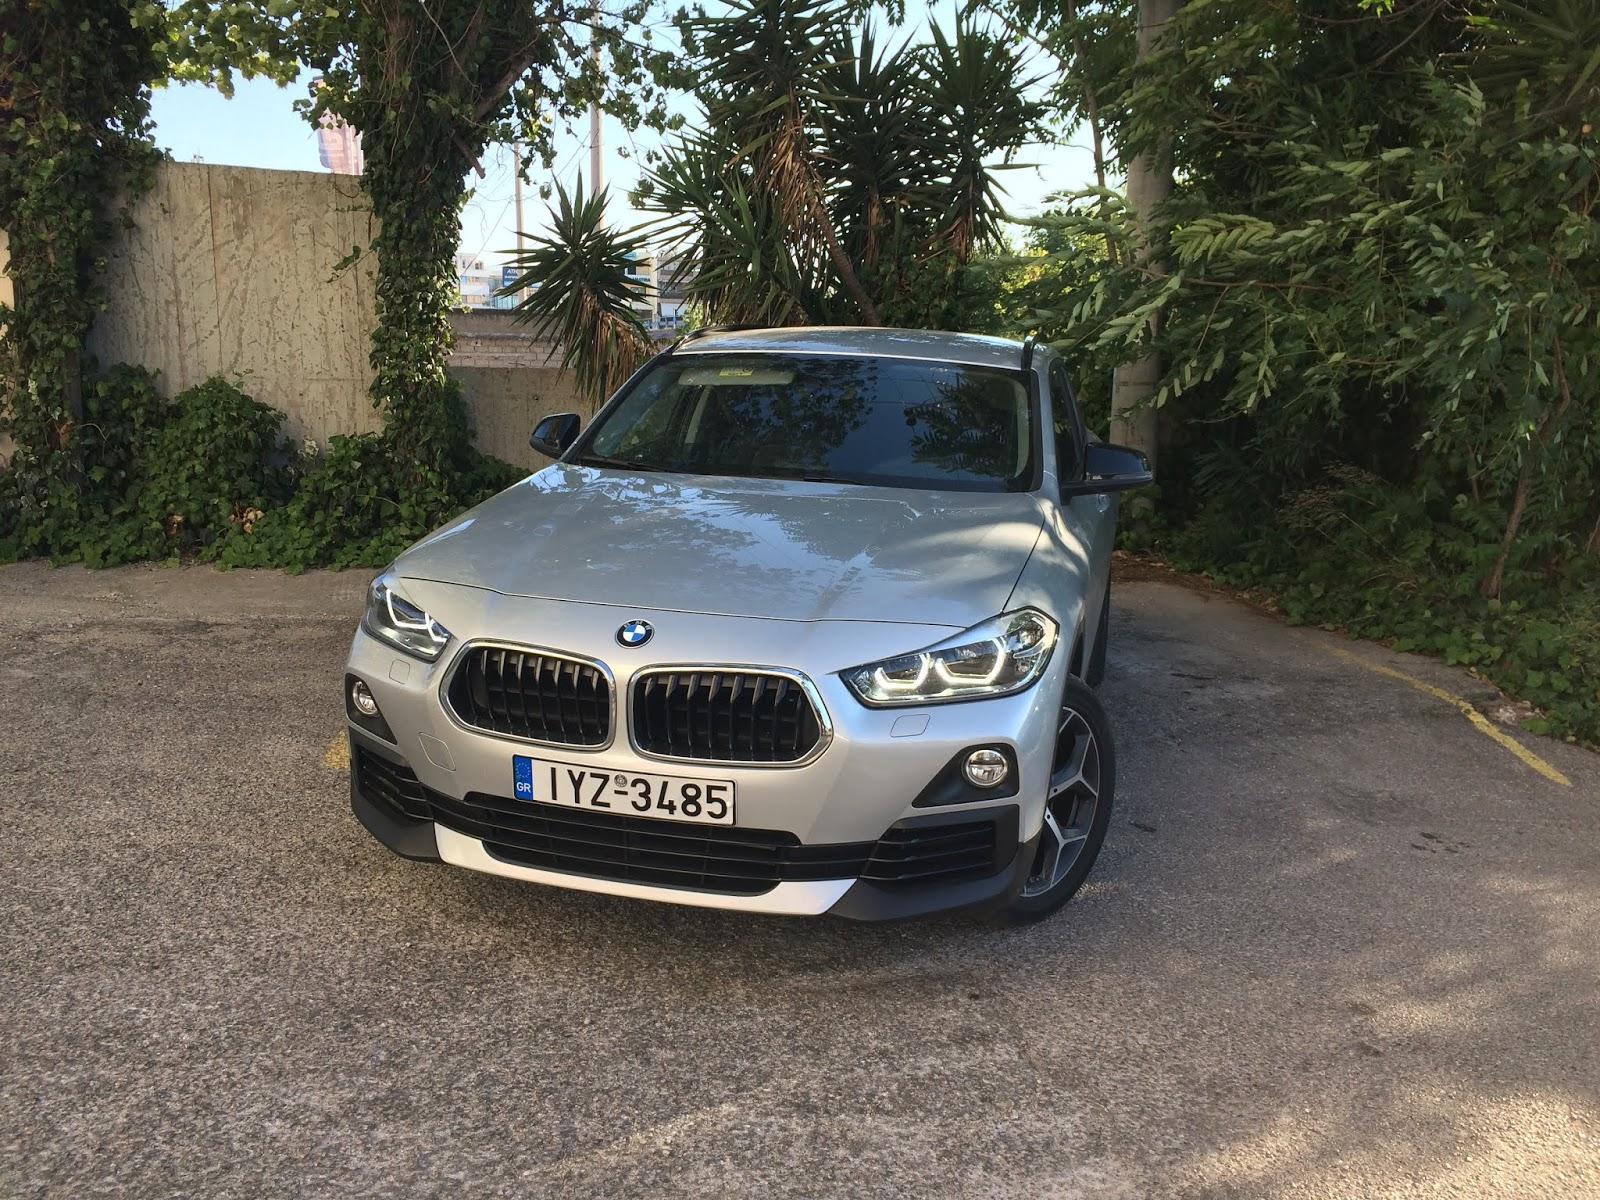 IMG 1786 Οδηγούμε τη BMW X2 sDrive 18i BMW, BMW X2, TEST, ΔΟΚΙΜΕΣ